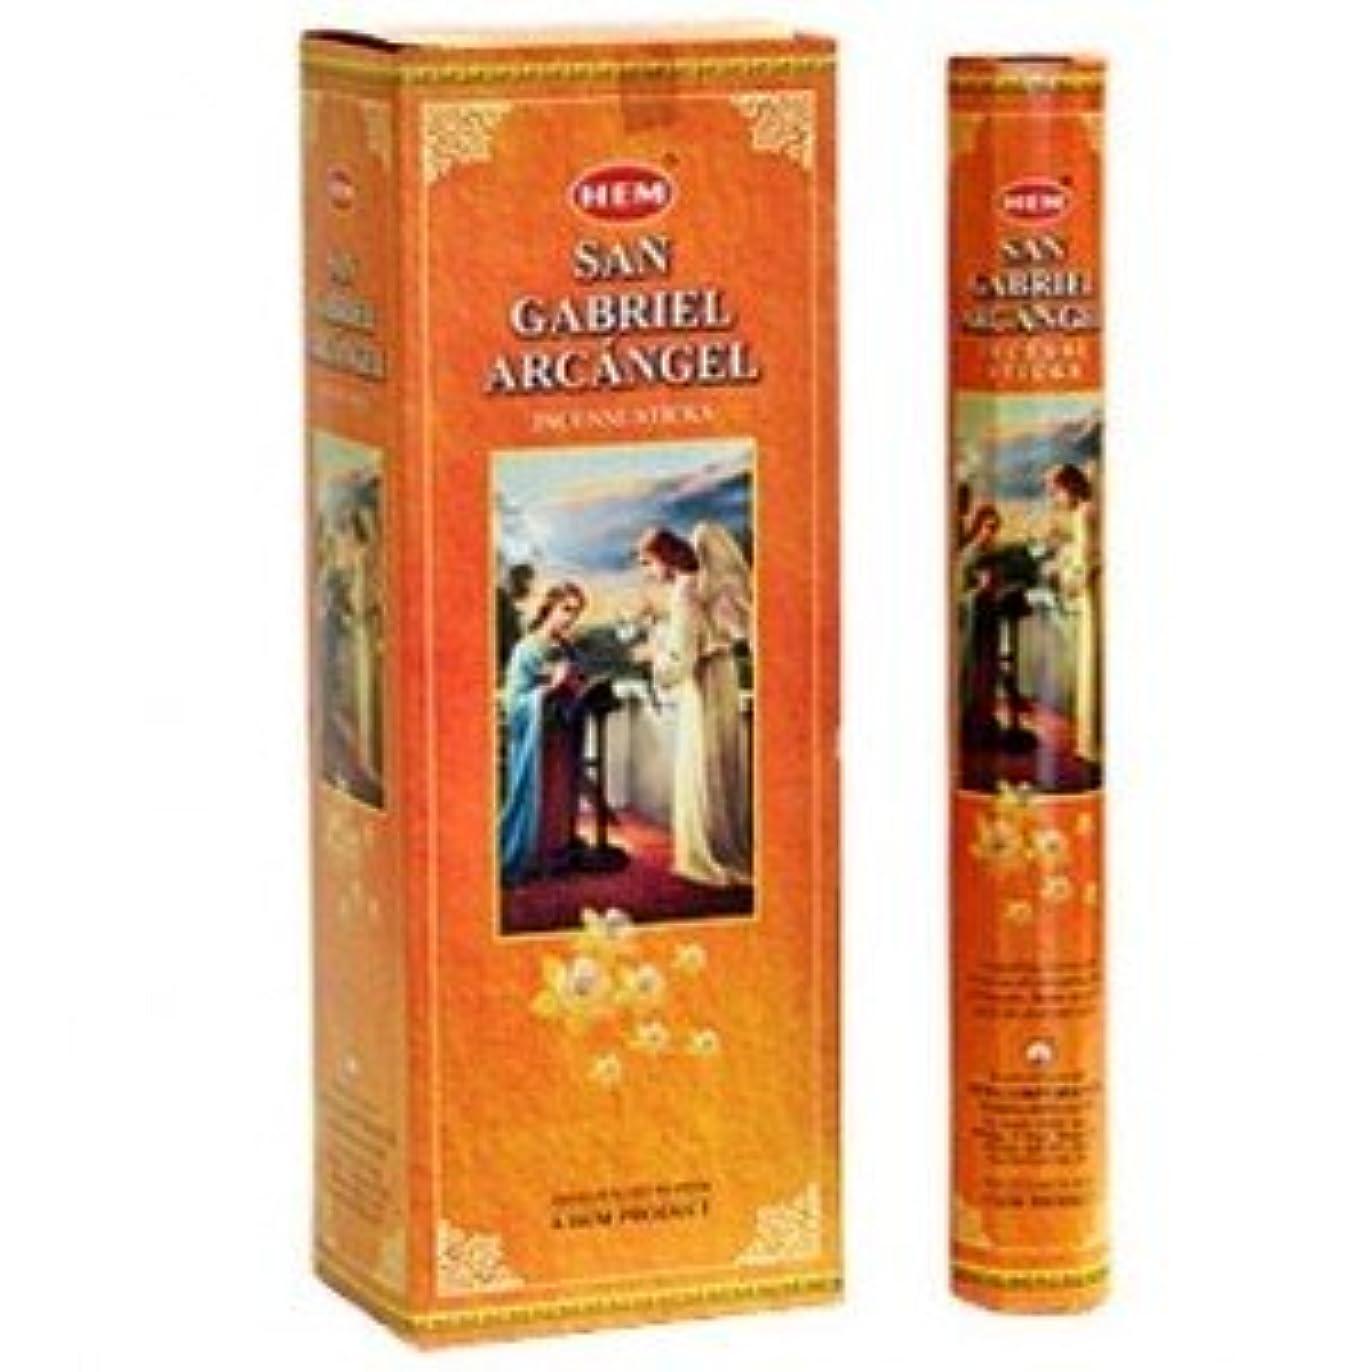 ヘルメットハイジャック贅沢な裾San Gabriel Arcangel Incense 6 Hexagon 20のパック= 120 Sticks